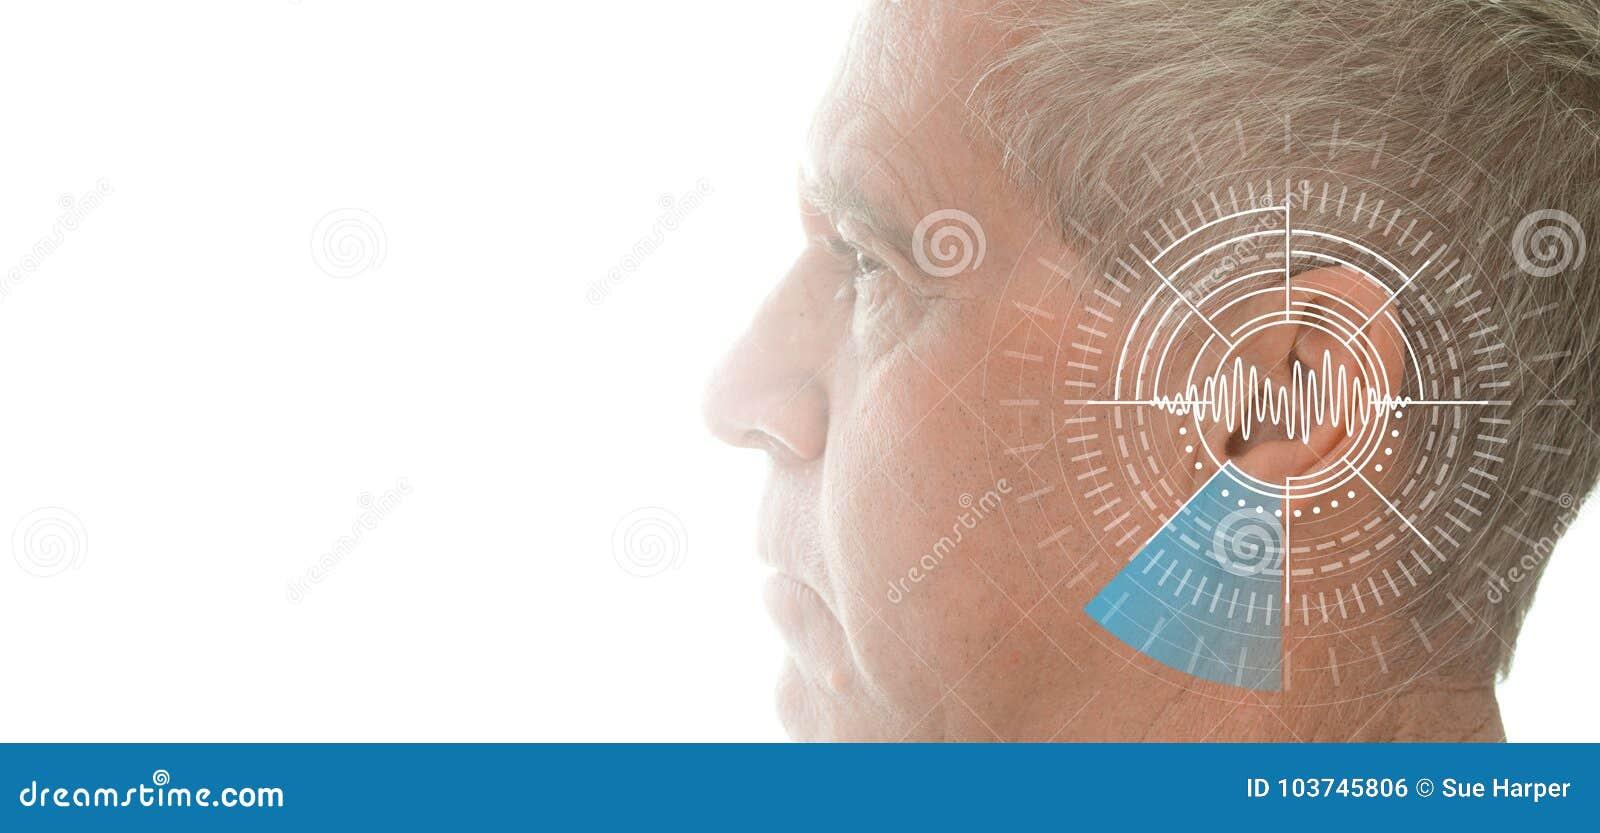 Δοκιμή ακρόασης που παρουσιάζει αυτί του ανώτερου ατόμου με την τεχνολογία προσομοίωσης υγιών κυμάτων